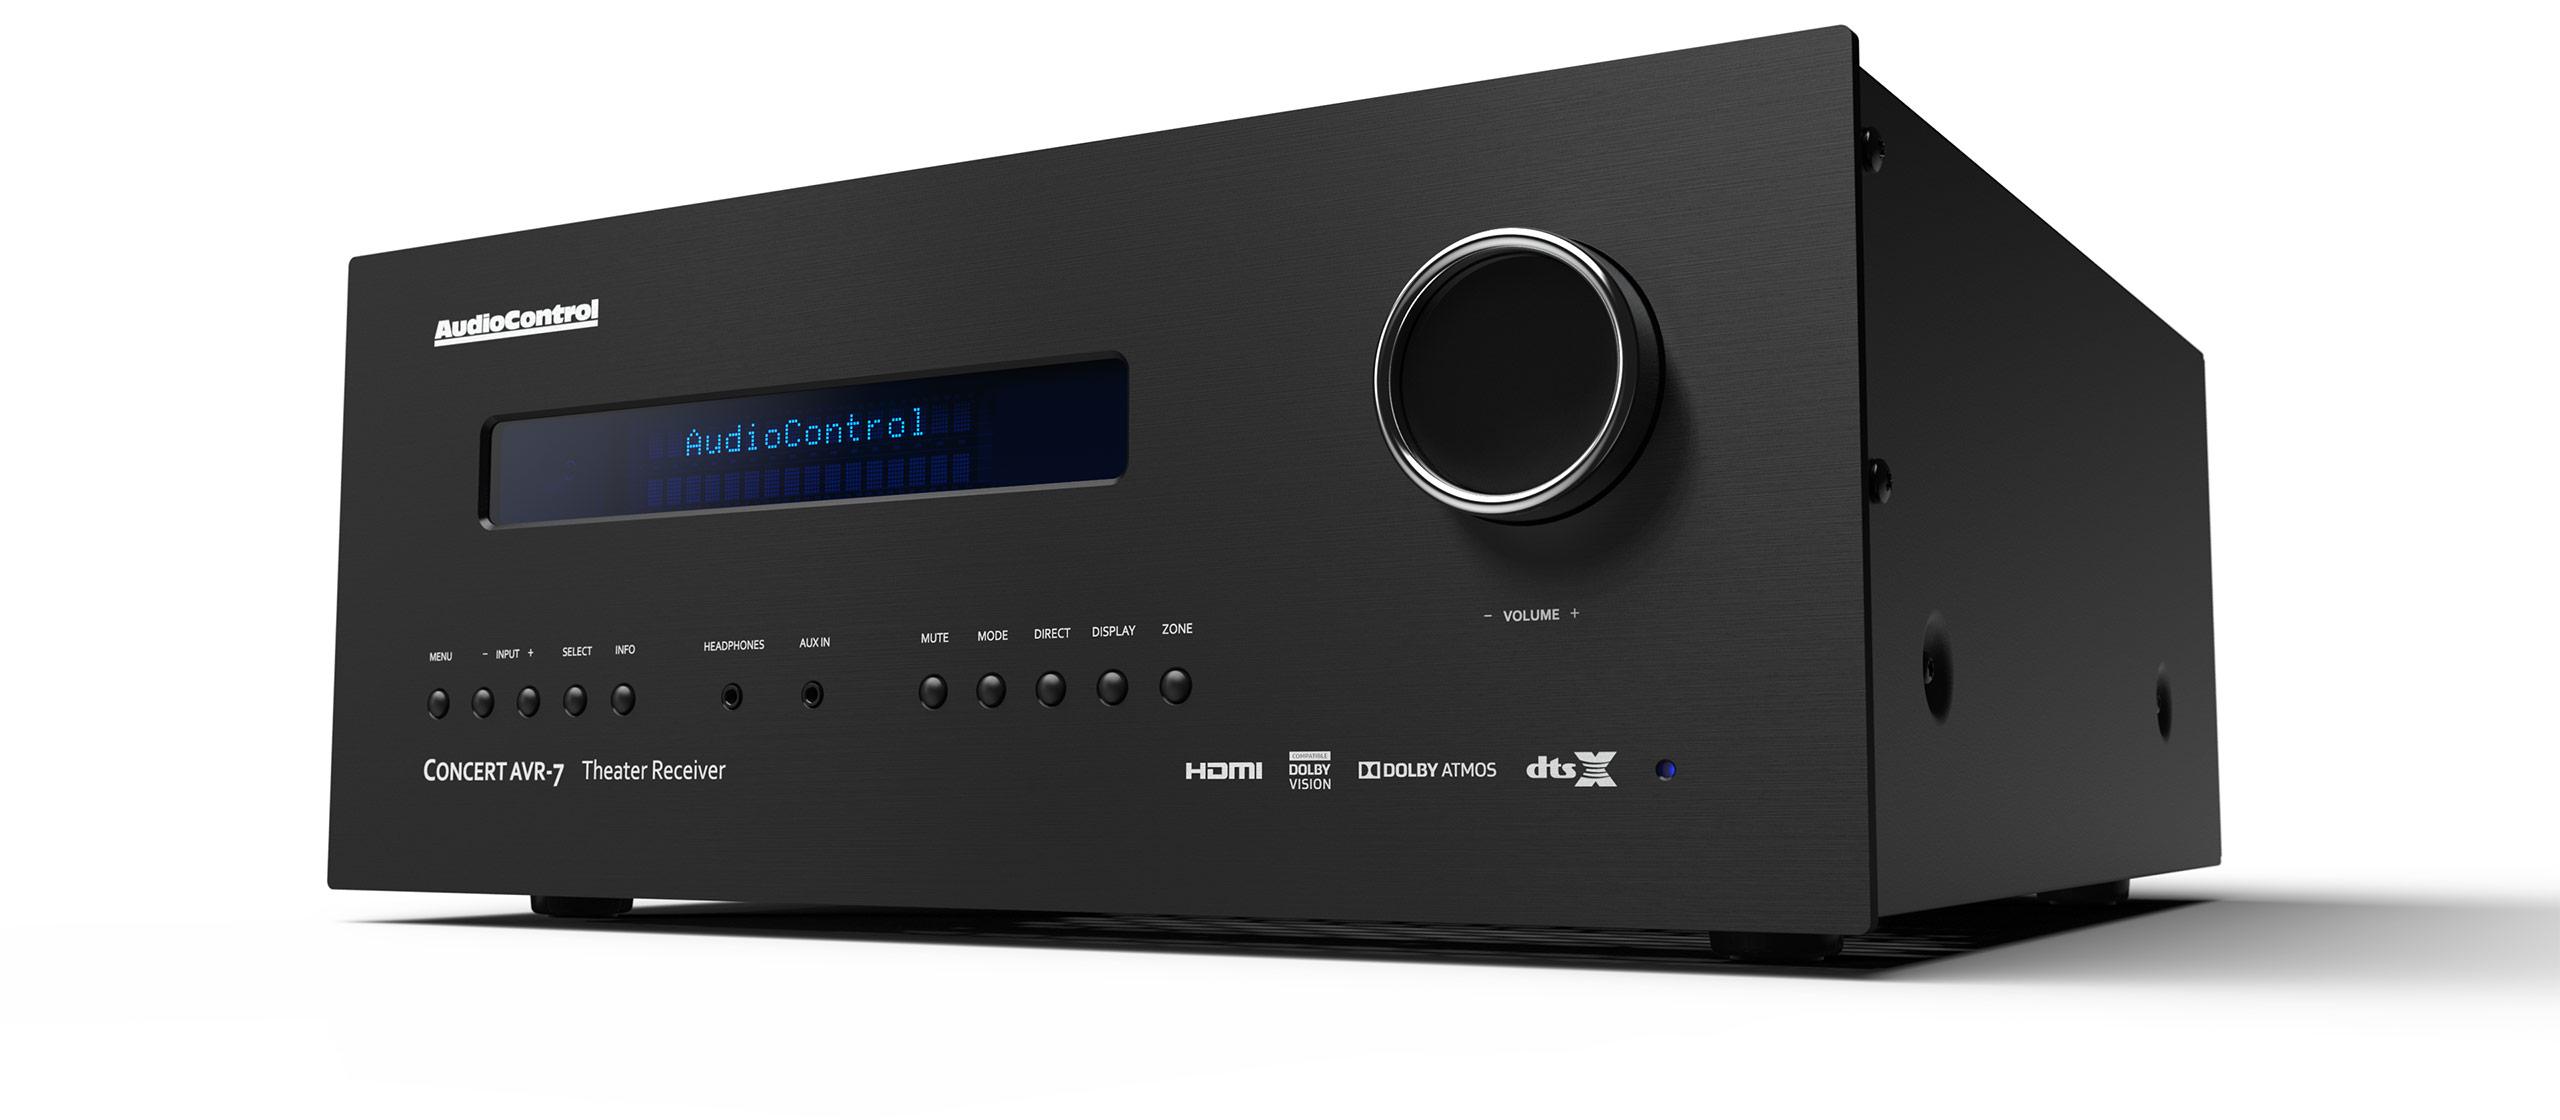 Concert AVR-7 | AudioControl